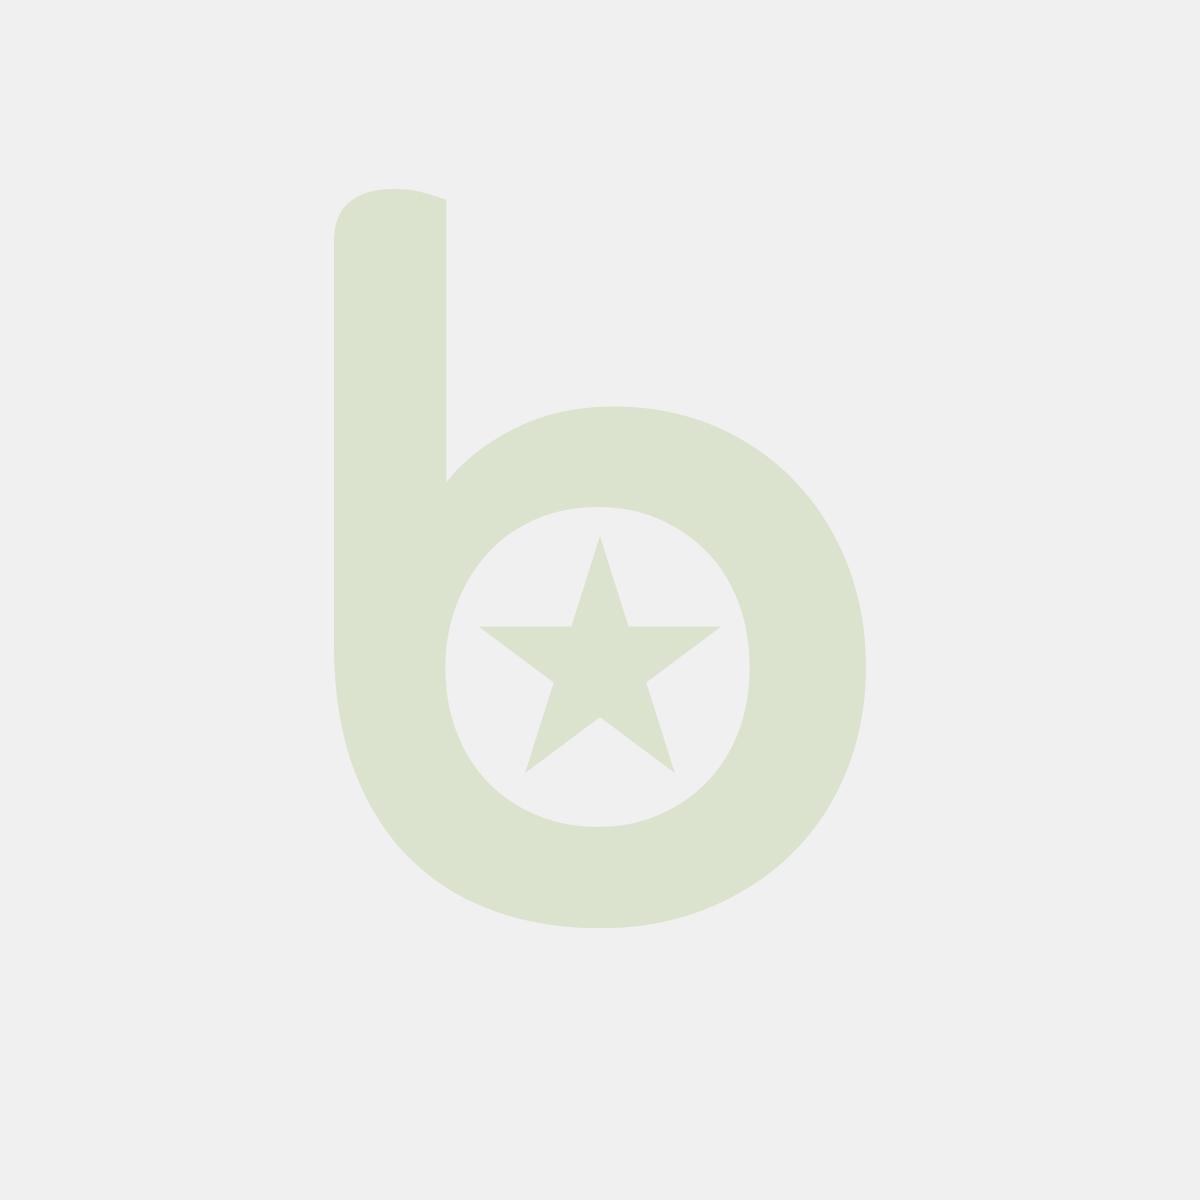 Shaker bostoński kubek stalowy 075 l - kod 593042